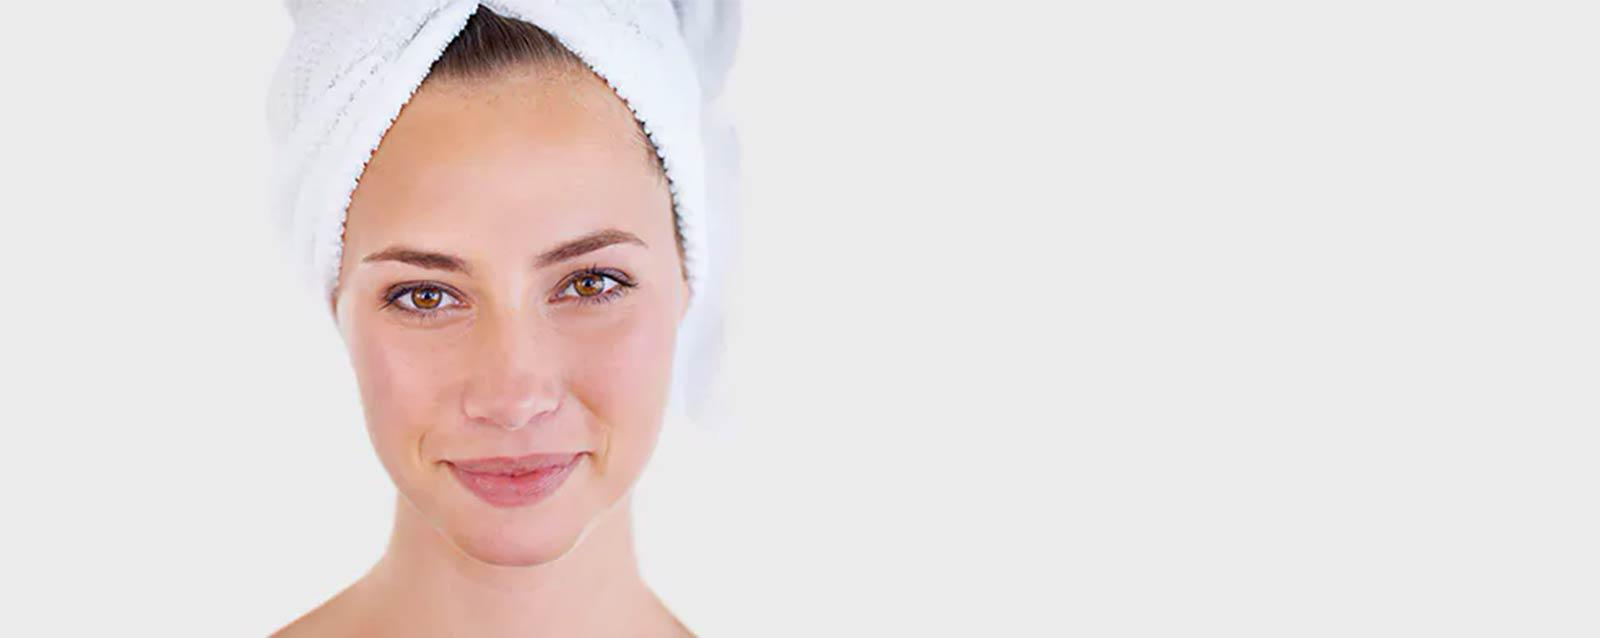 Protocolo: Gluco Acne Repair: Programa de Recuperação da Pele Acneica